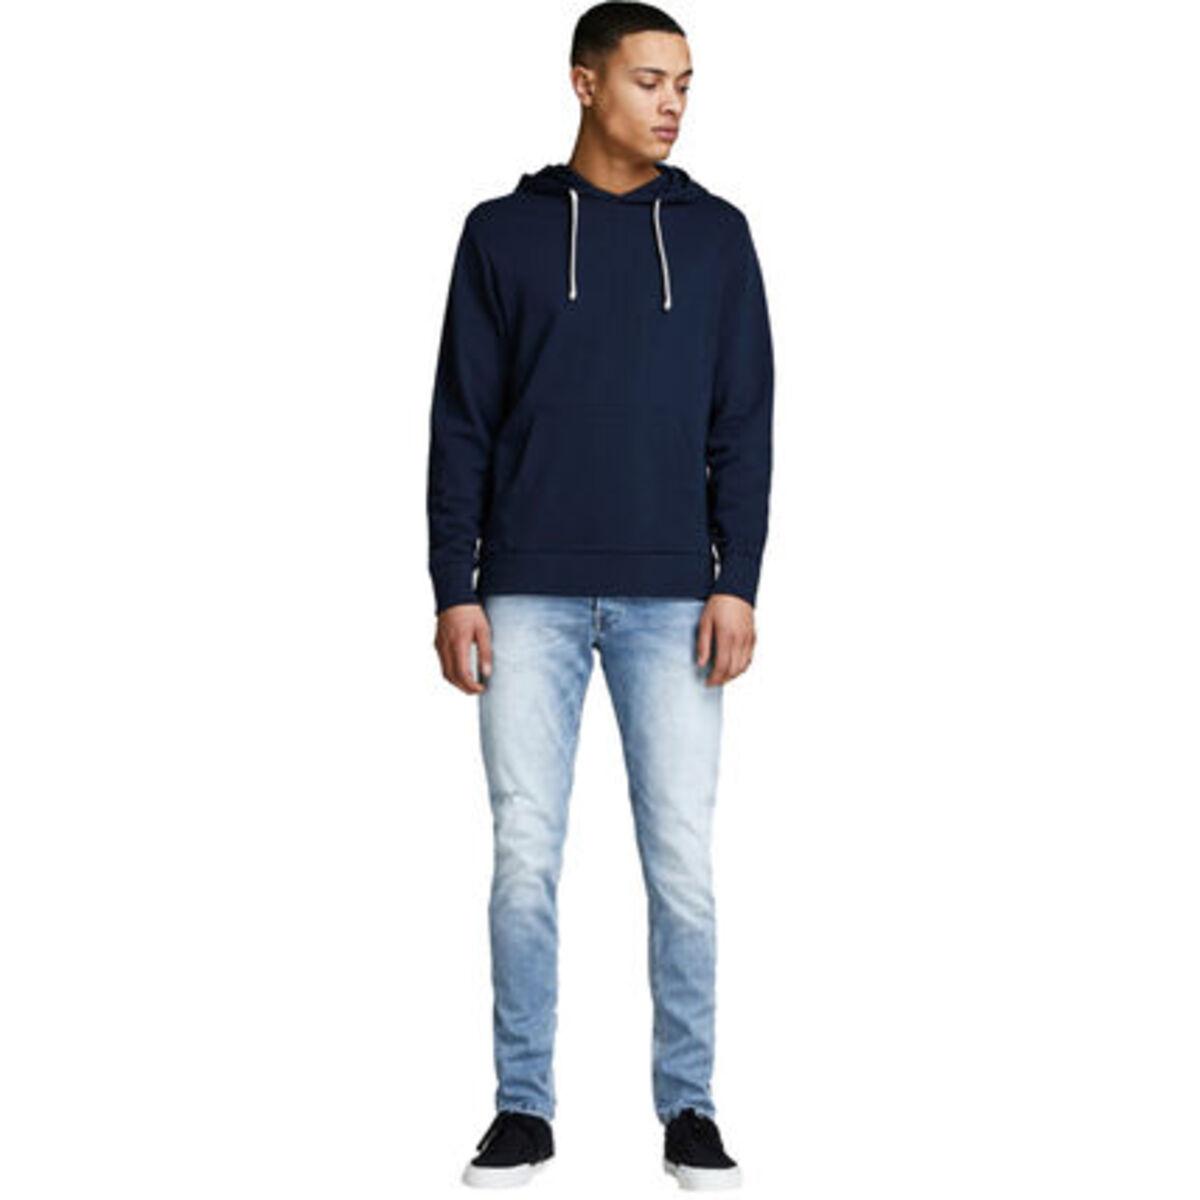 Bild 4 von Jack & Jones Glenn Original Jeans, Slim Fit, Tapered, Low Rise, Waschung, für Herren